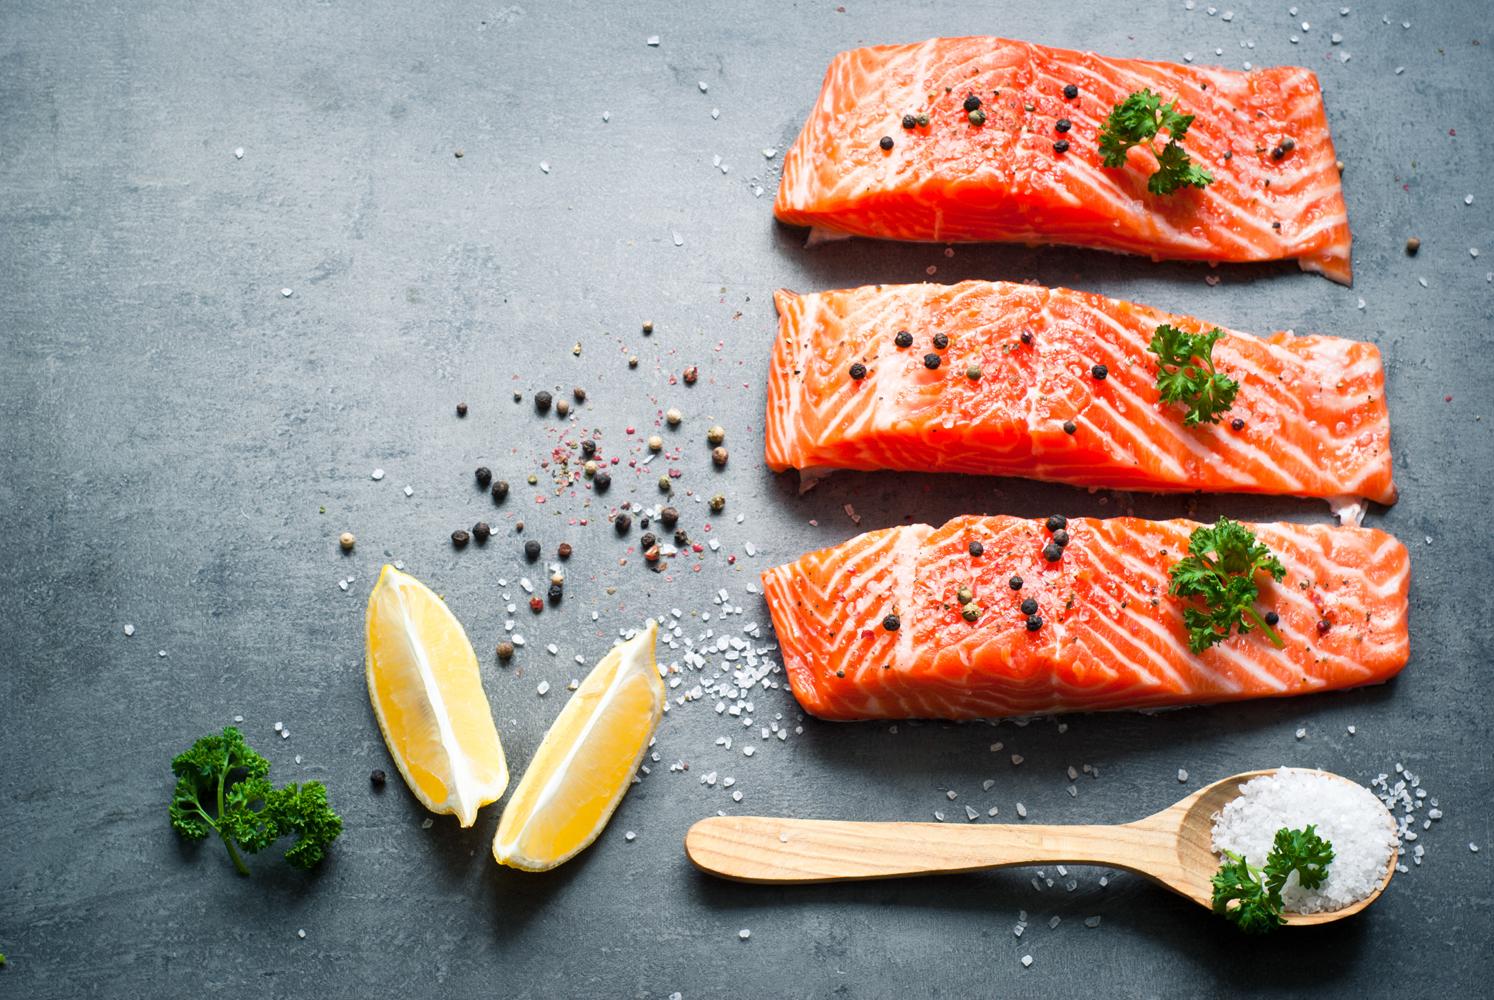 Диетические рыбные блюда: какую нежирную рыбу можно есть